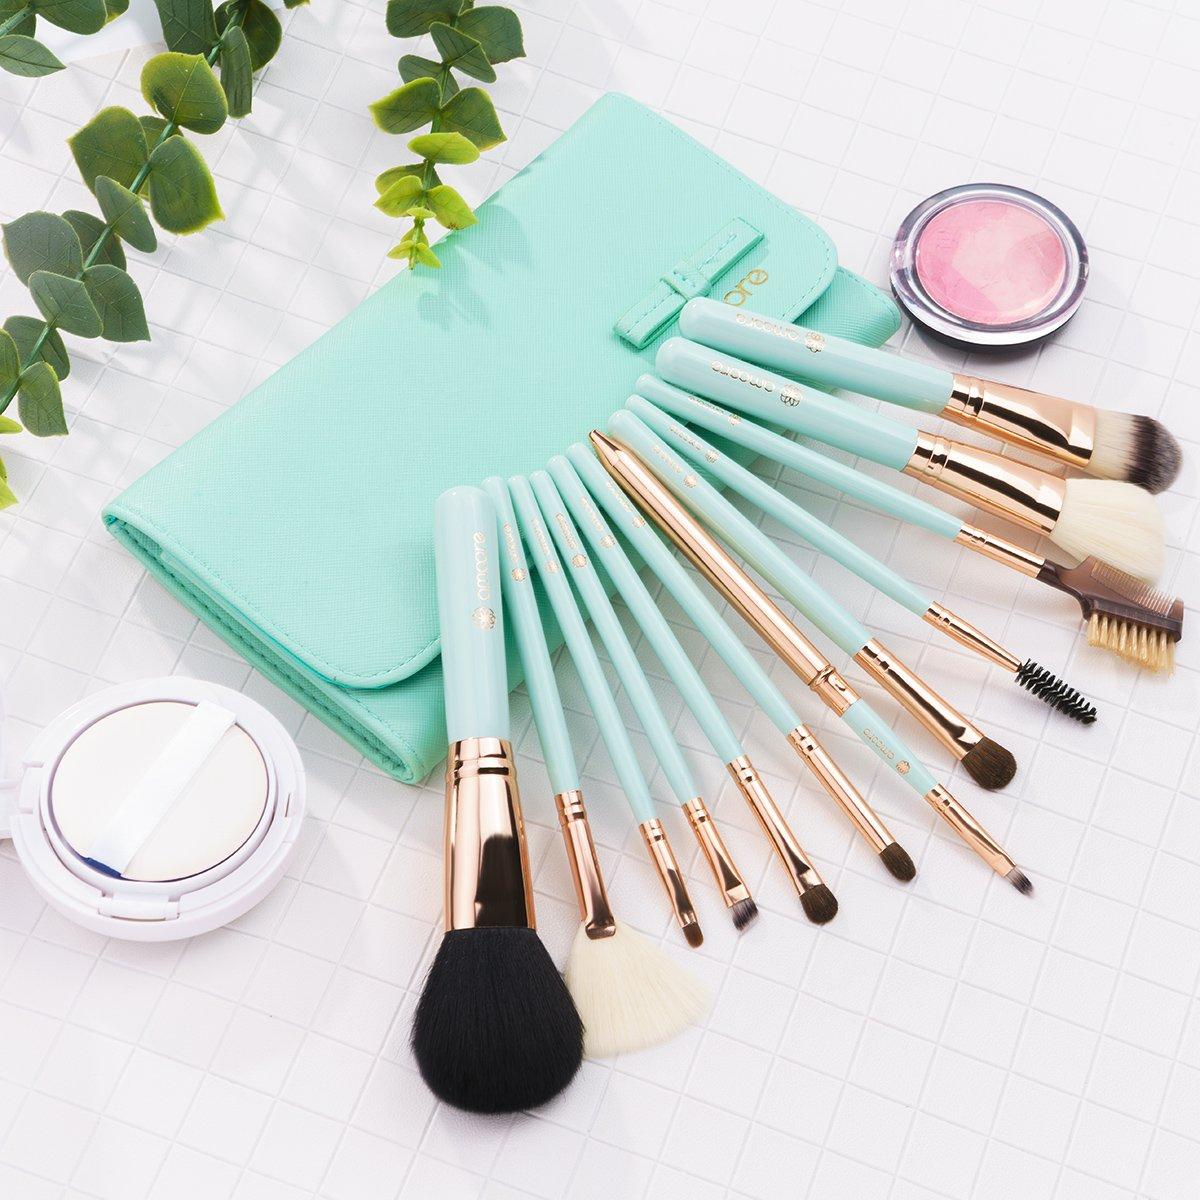 Amoore 12pcs Makeup Brushes Makeup Brush Set Makeup Brush